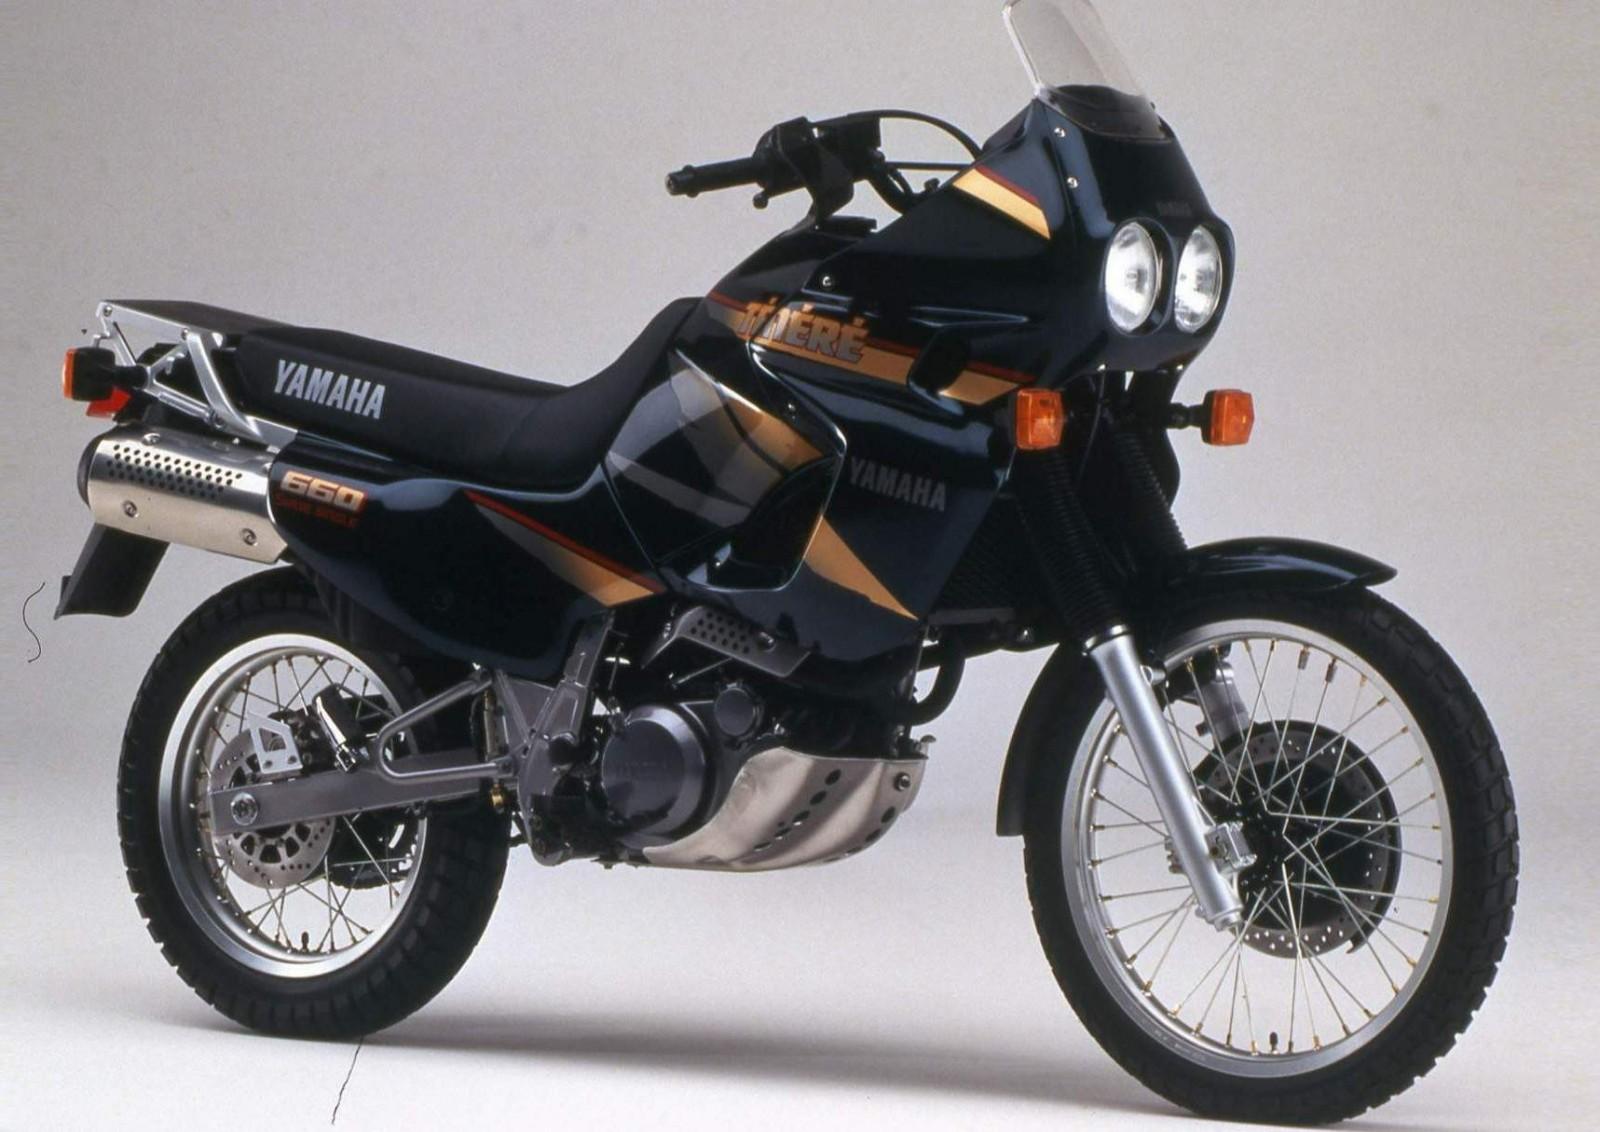 Yamaha Xtspecs